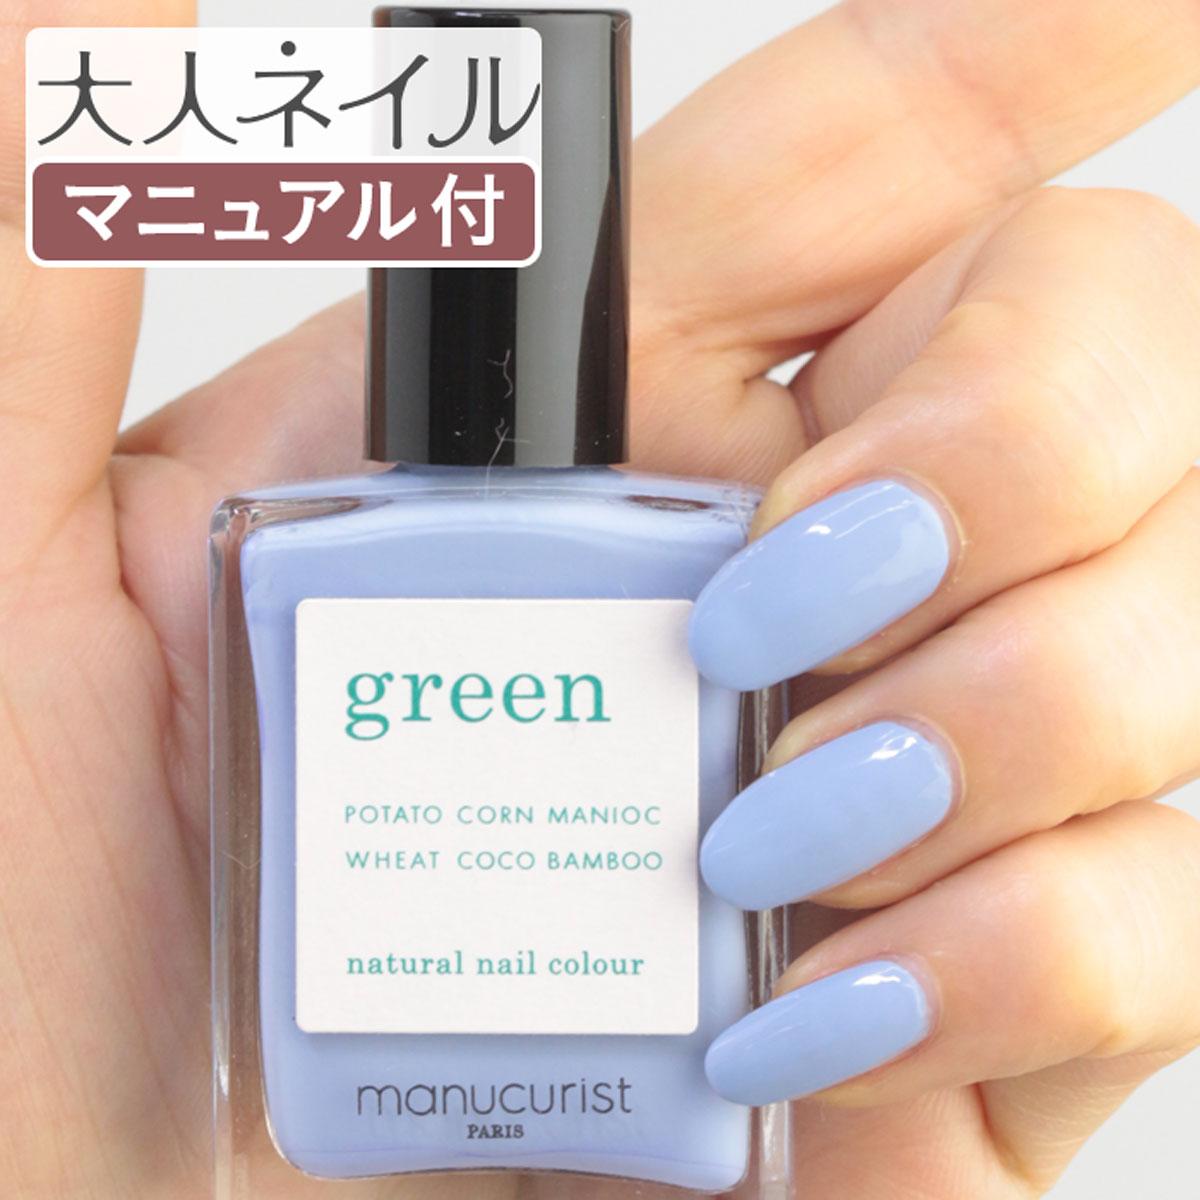 green グリーン ナチュラルネイルカラー リラ 31052 15ml 爪にやさしい マニキュア セルフネイル ブルー 水色 夏カラー 夏ネイル ペディキュア